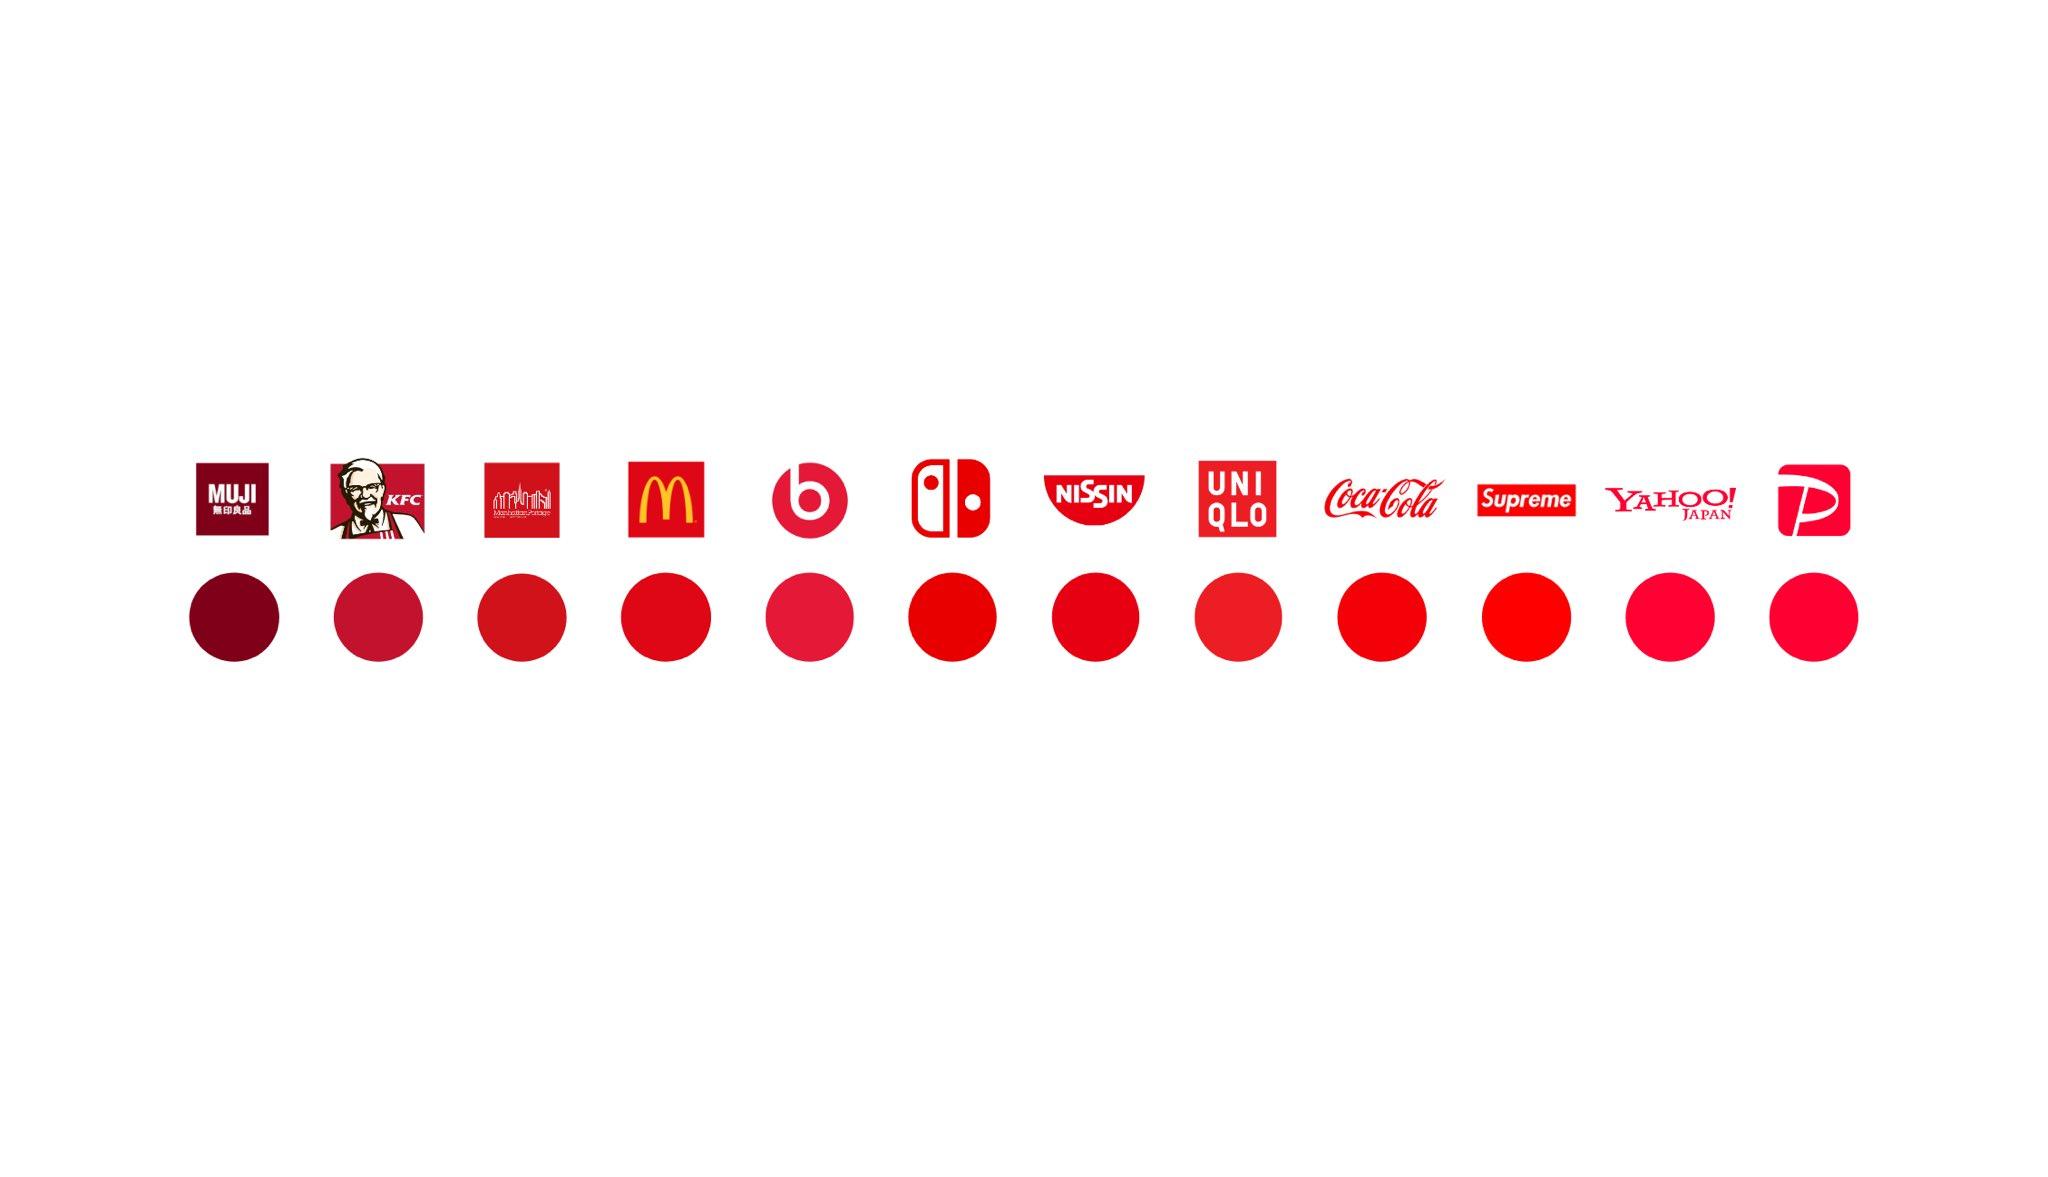 企業ロゴの色の一覧表